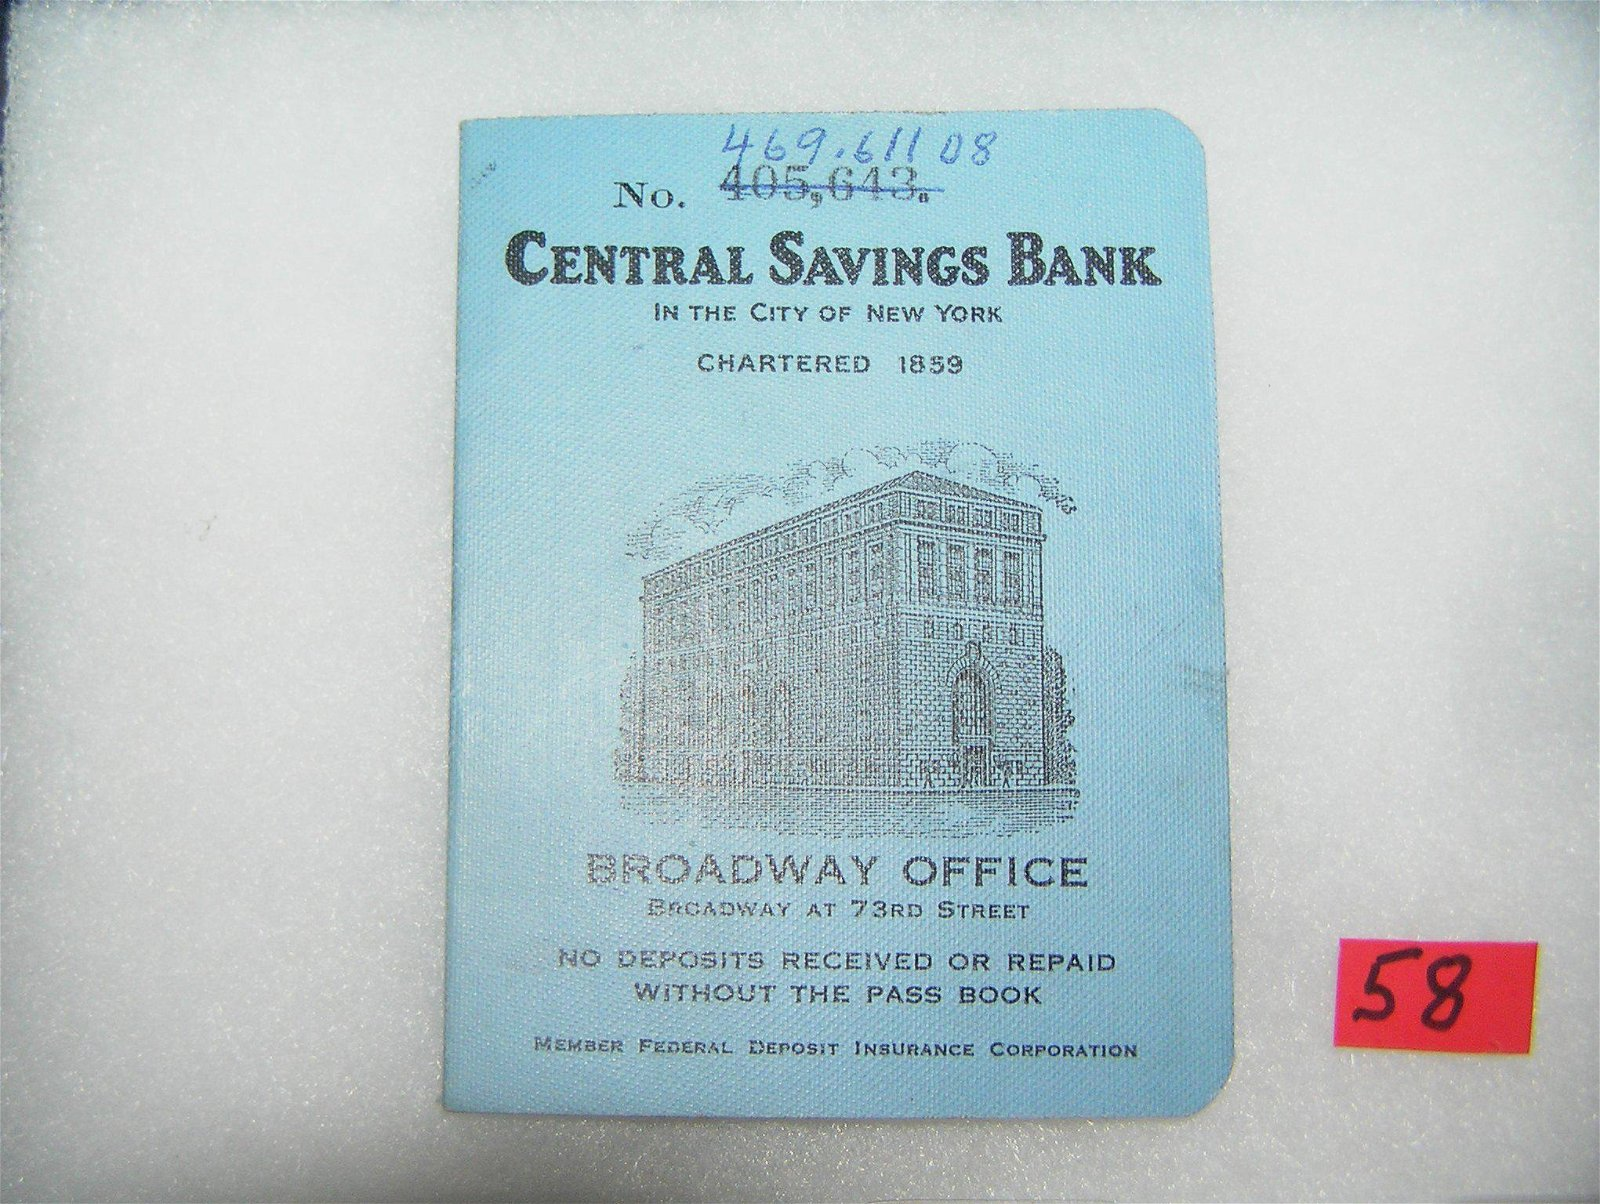 Central Savings Bank savings book circa 1950's